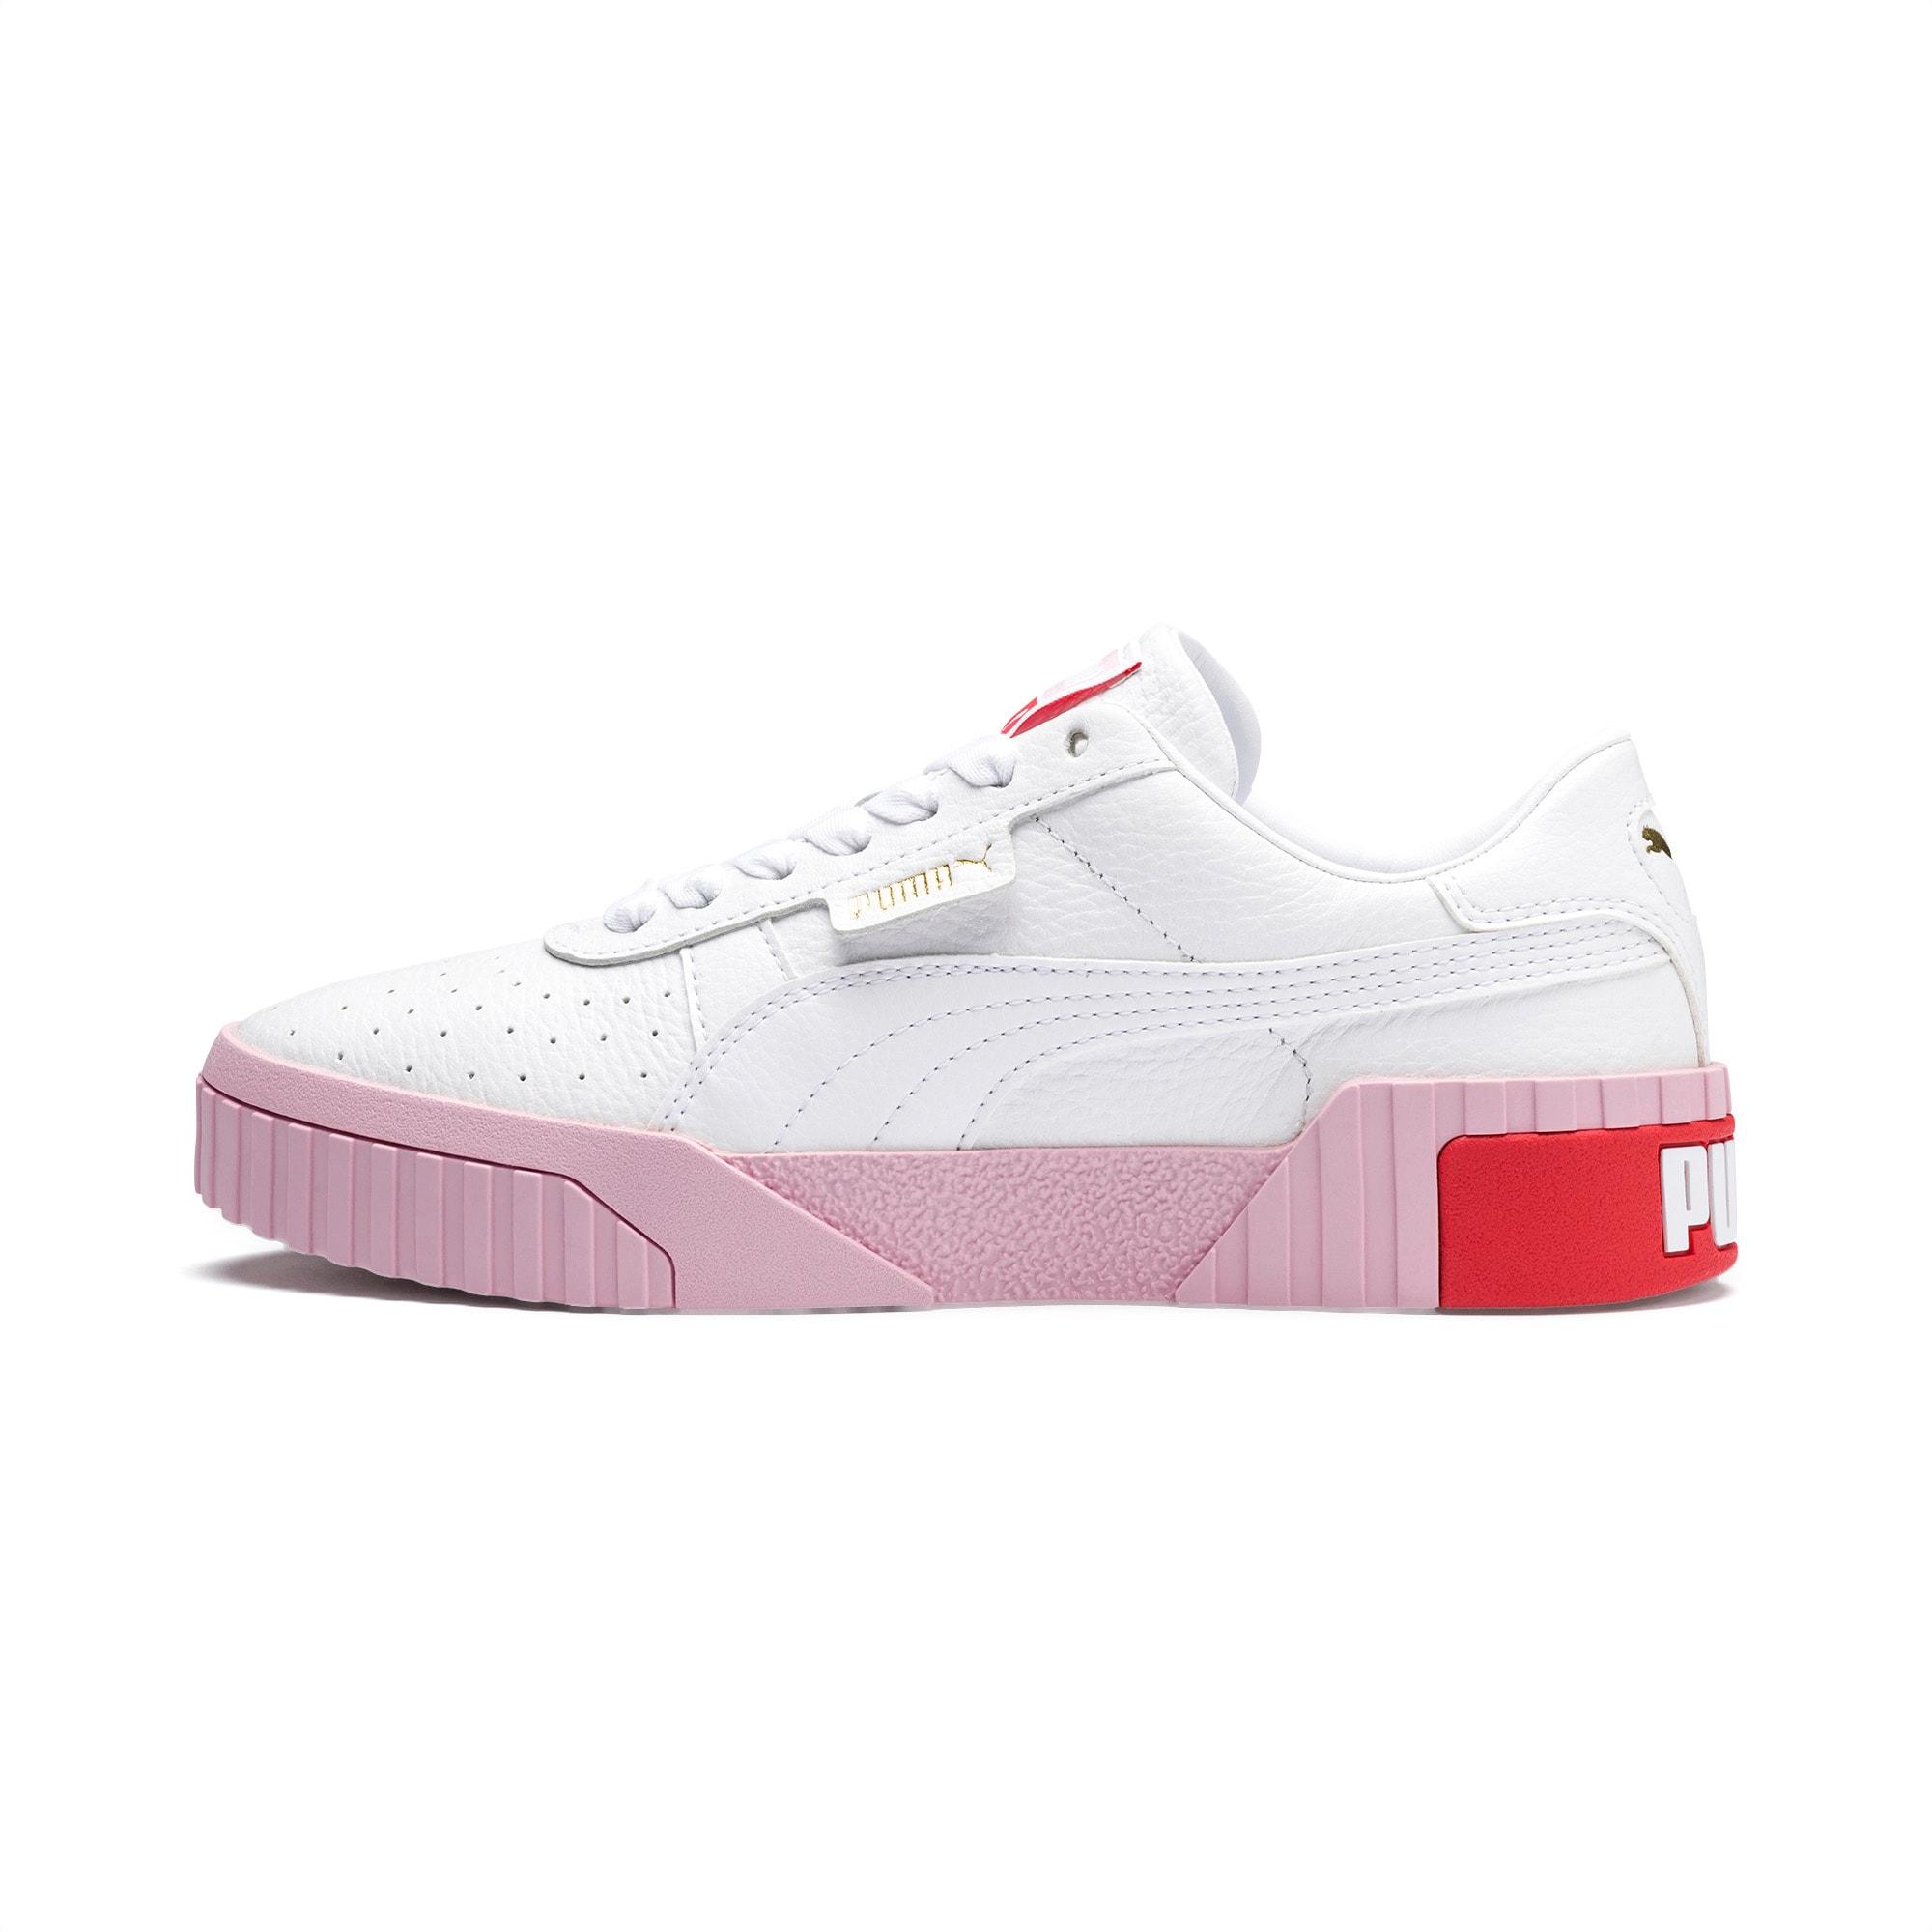 Cali Damen Sneaker | Puma White Pale Pink | PUMA Cali